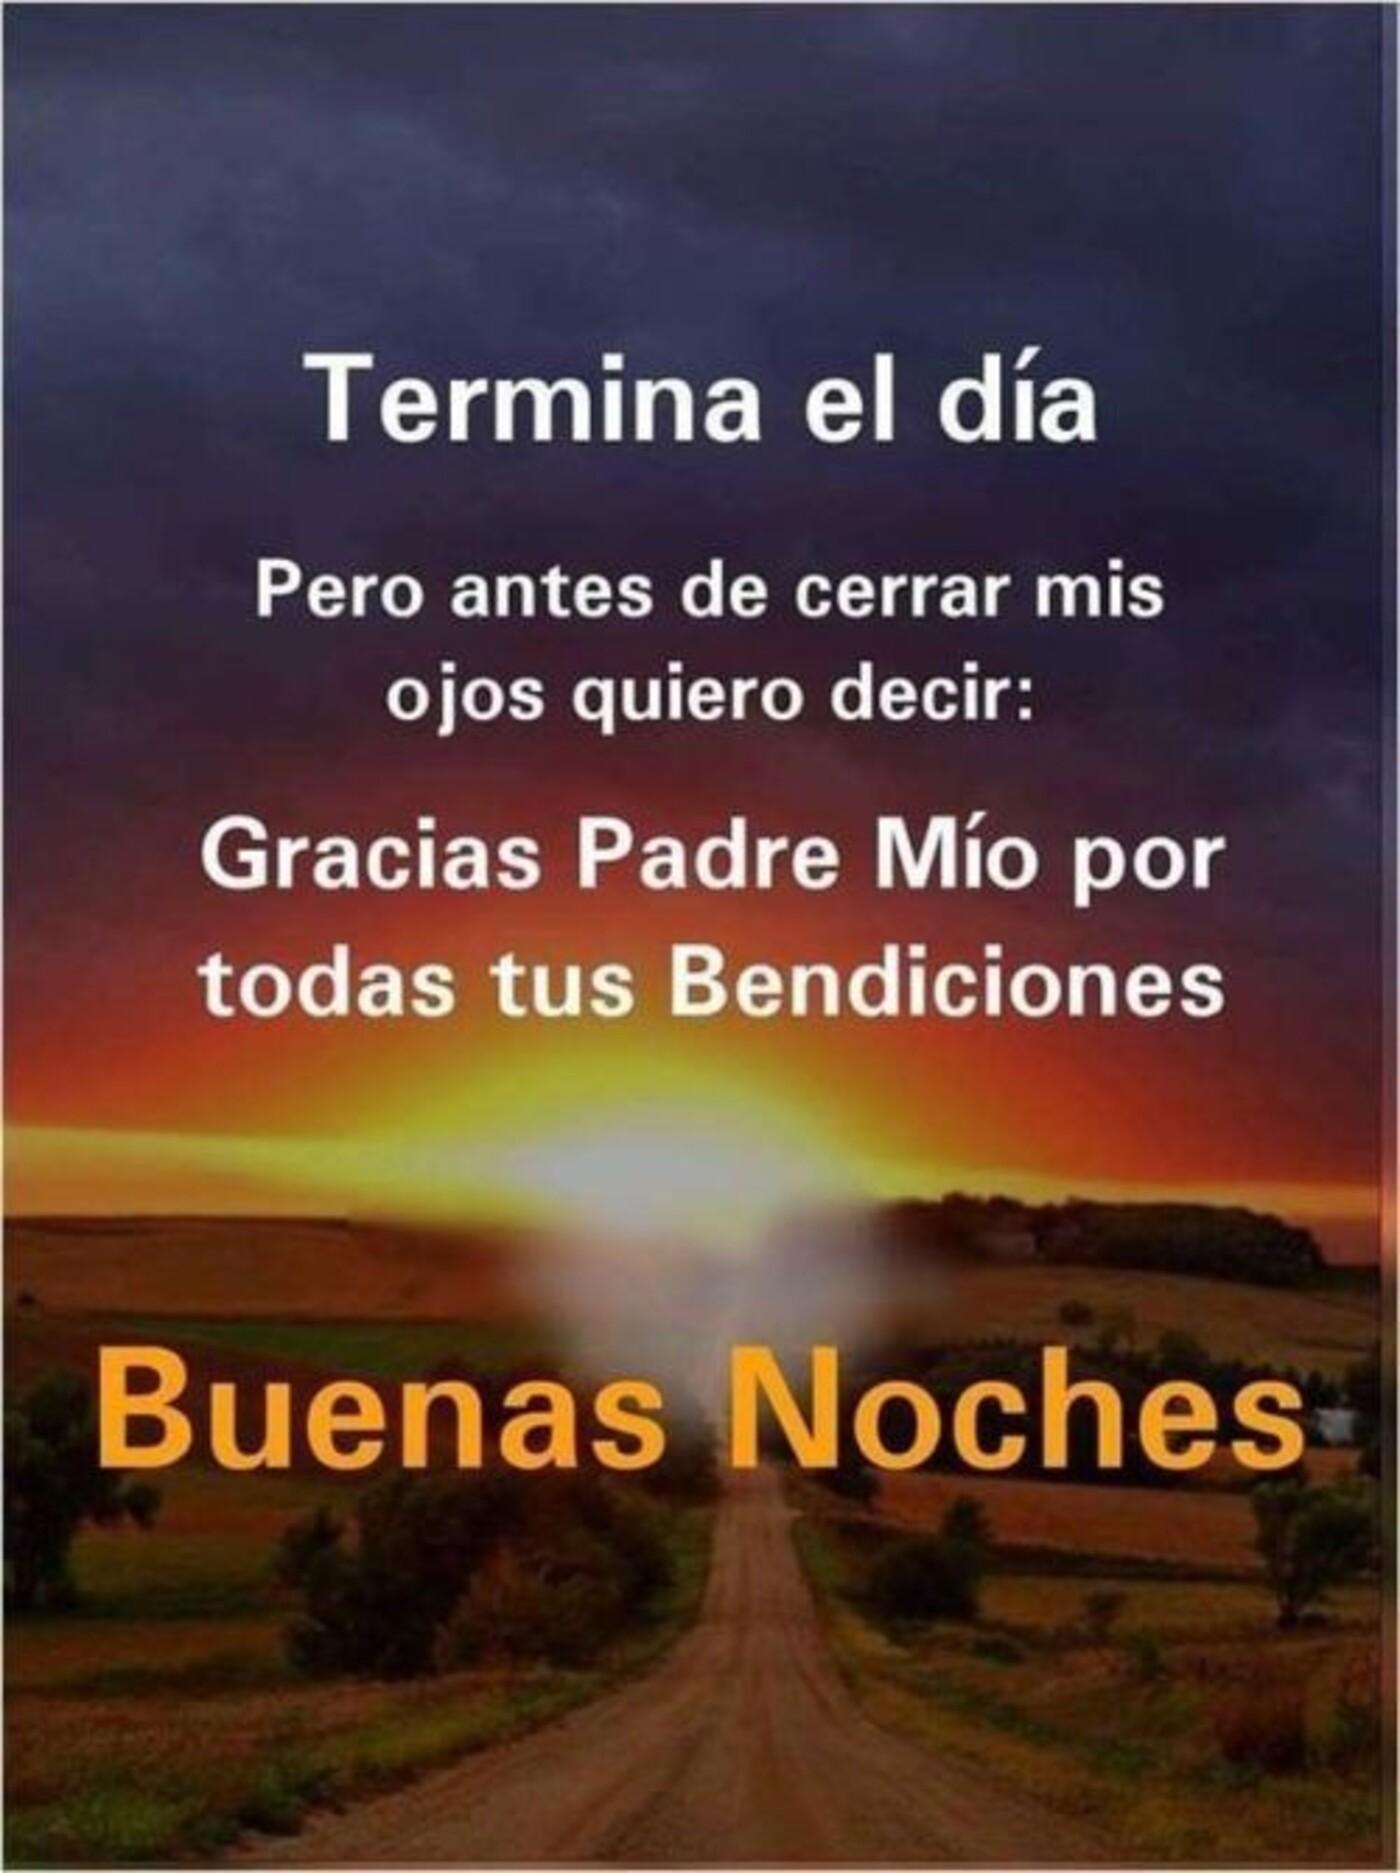 Termina el día pero antes de cerrar mis ojos quiero decir: Gracias Padre Mio por todas tus bendiciones. Buenas Noches